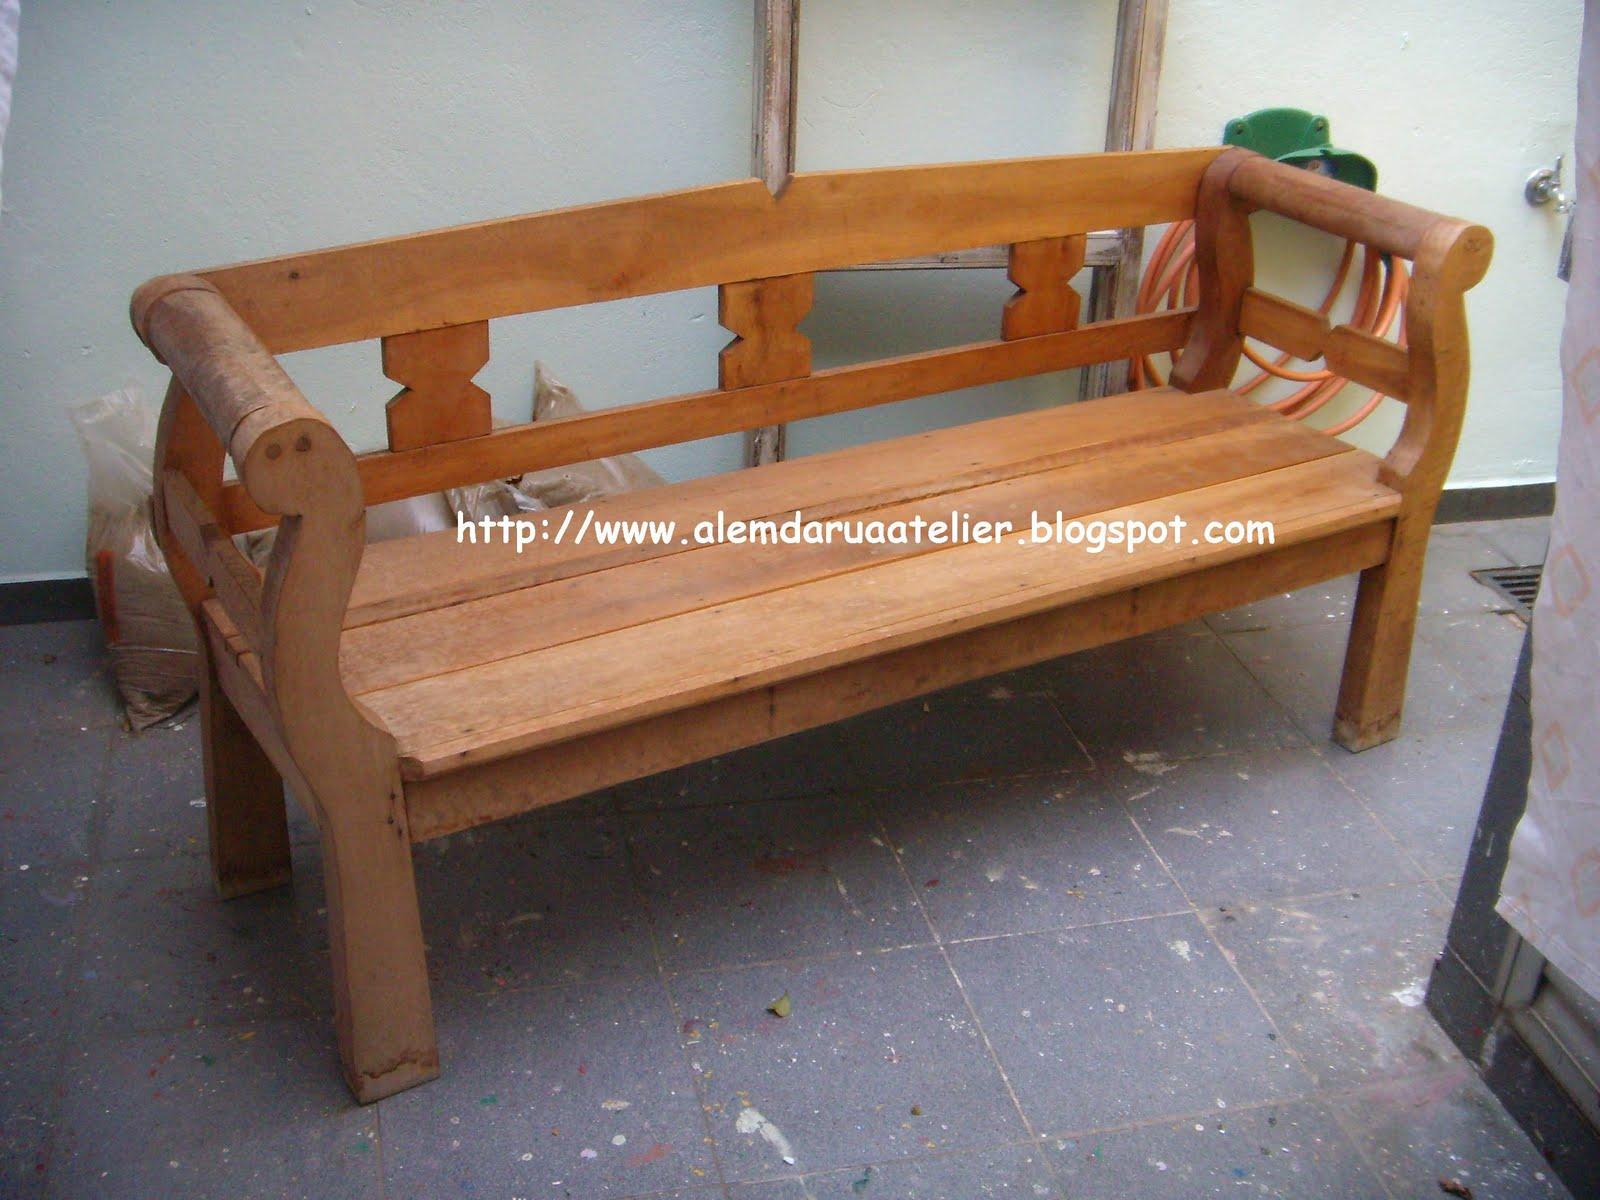 Pátina em banco e trio de mesas de madeira – Antes e depois  #976134 1600x1200